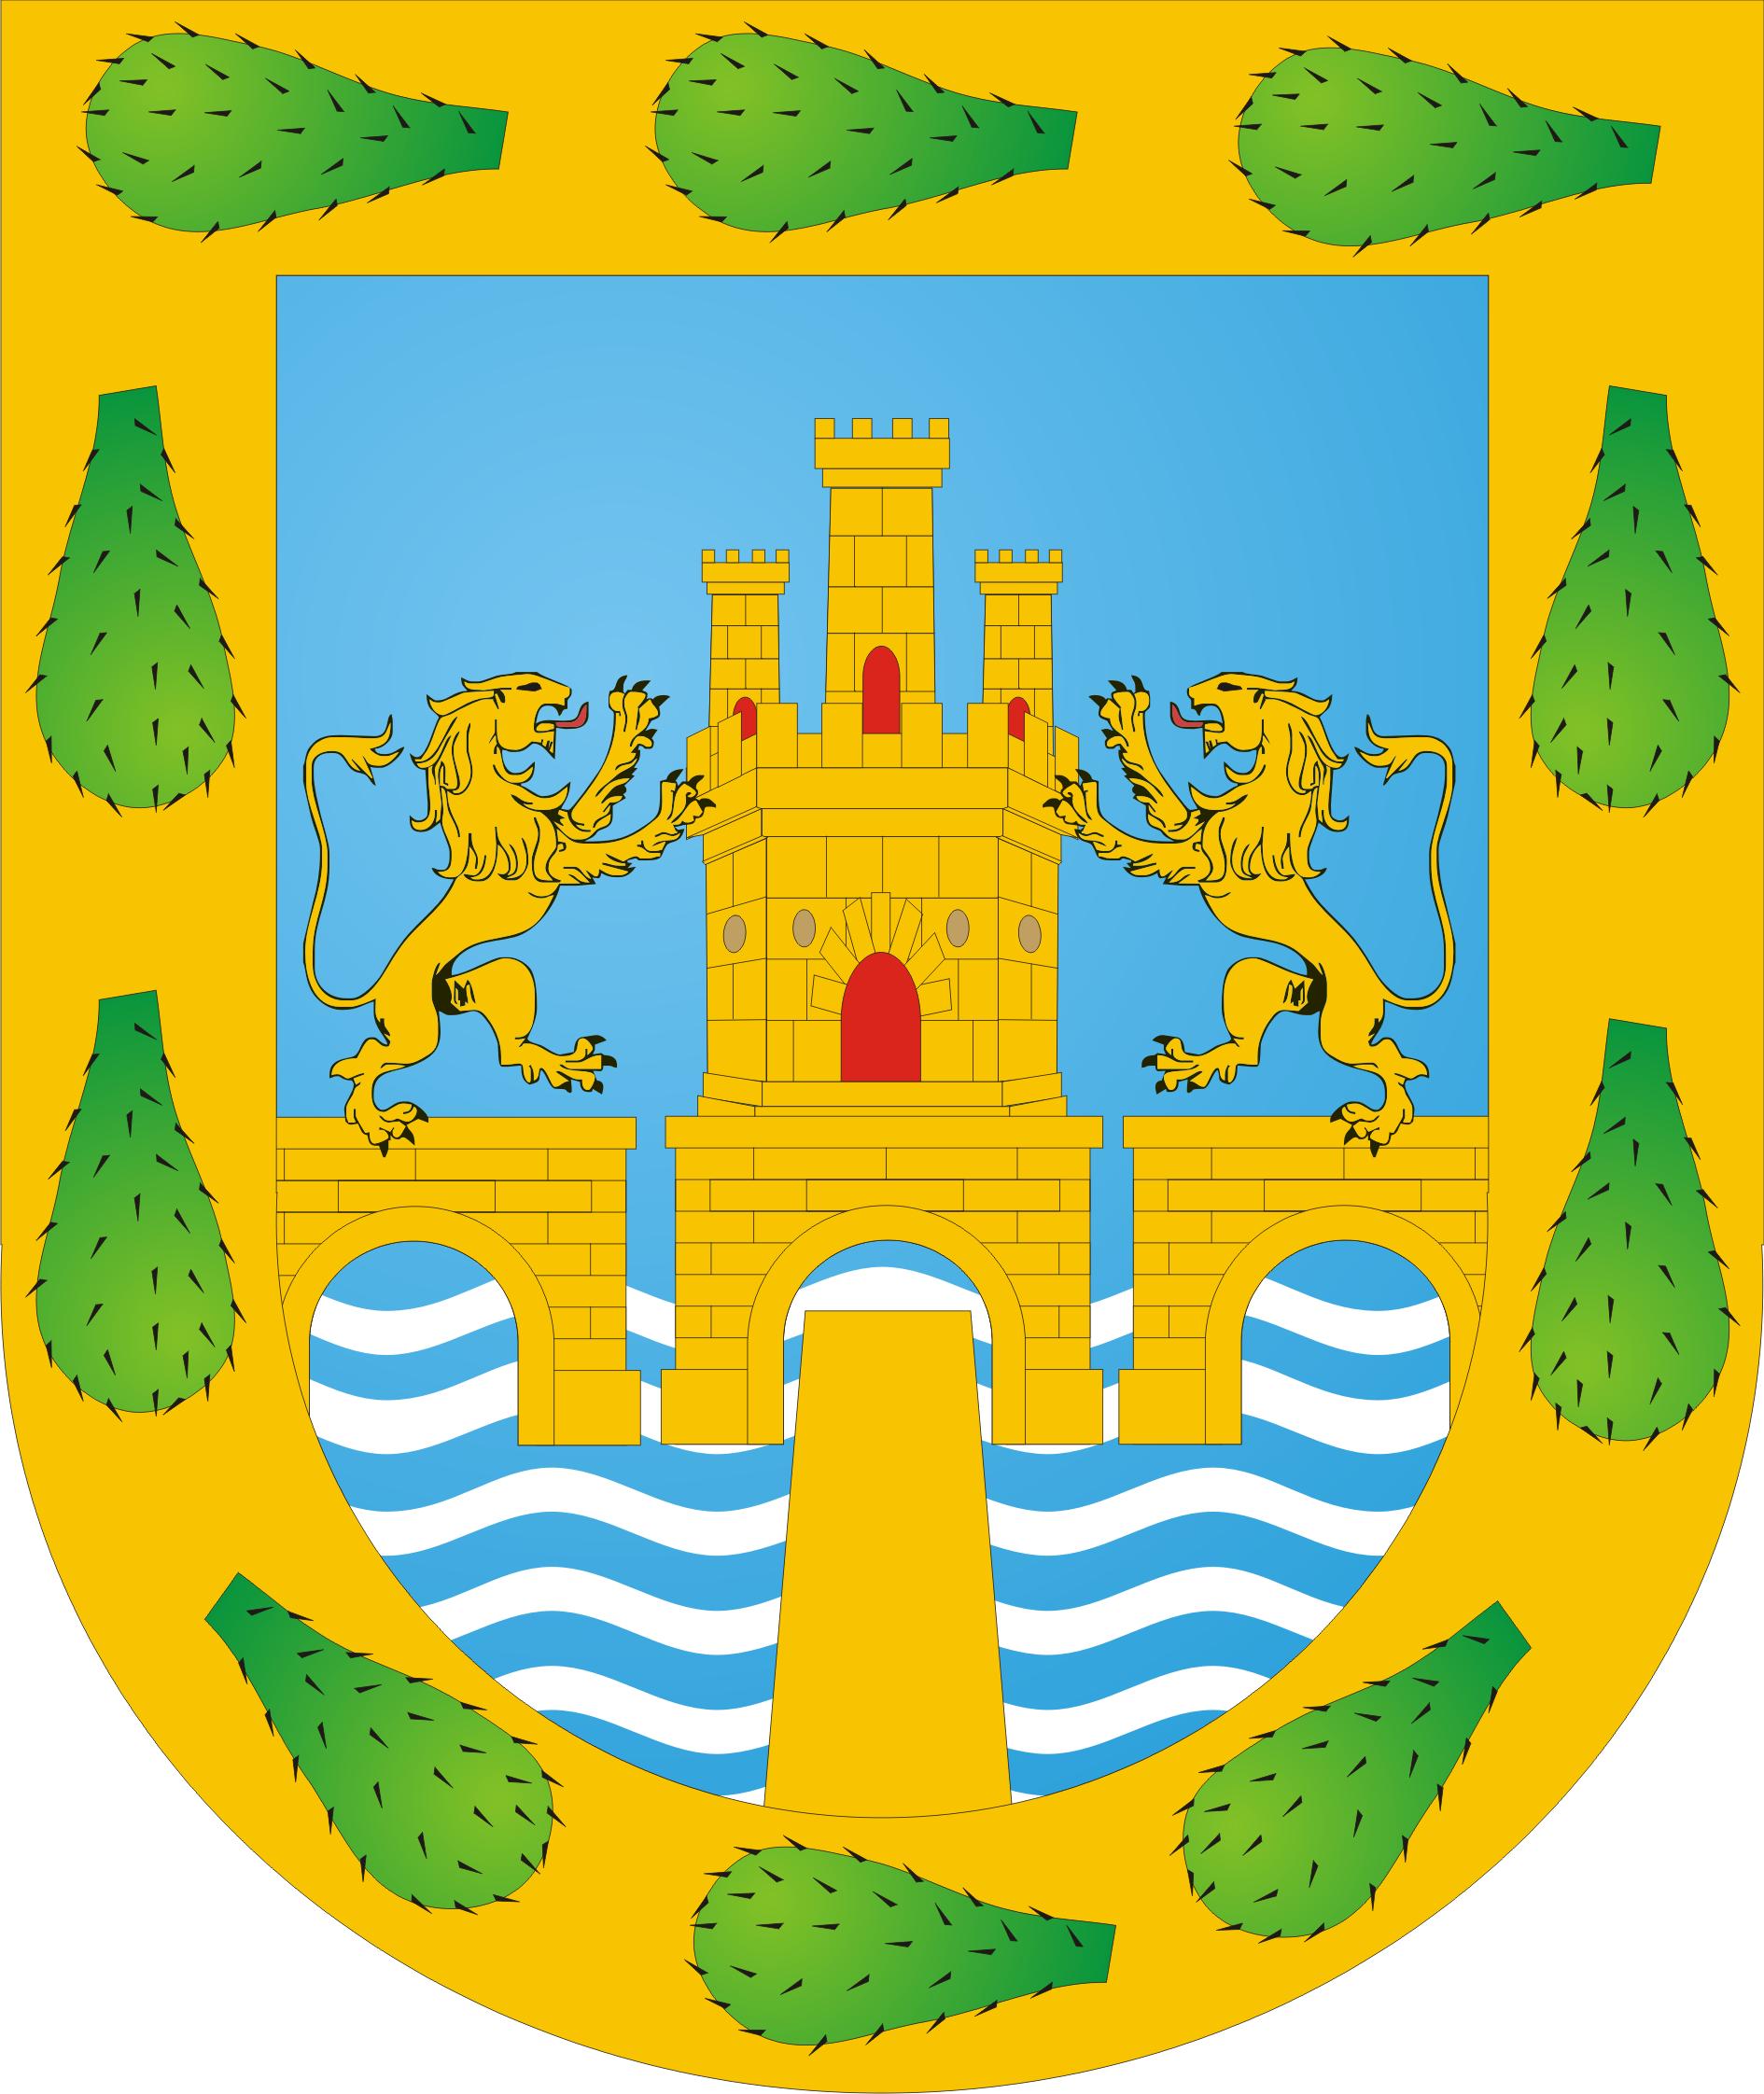 escudo_del_distrito_federal